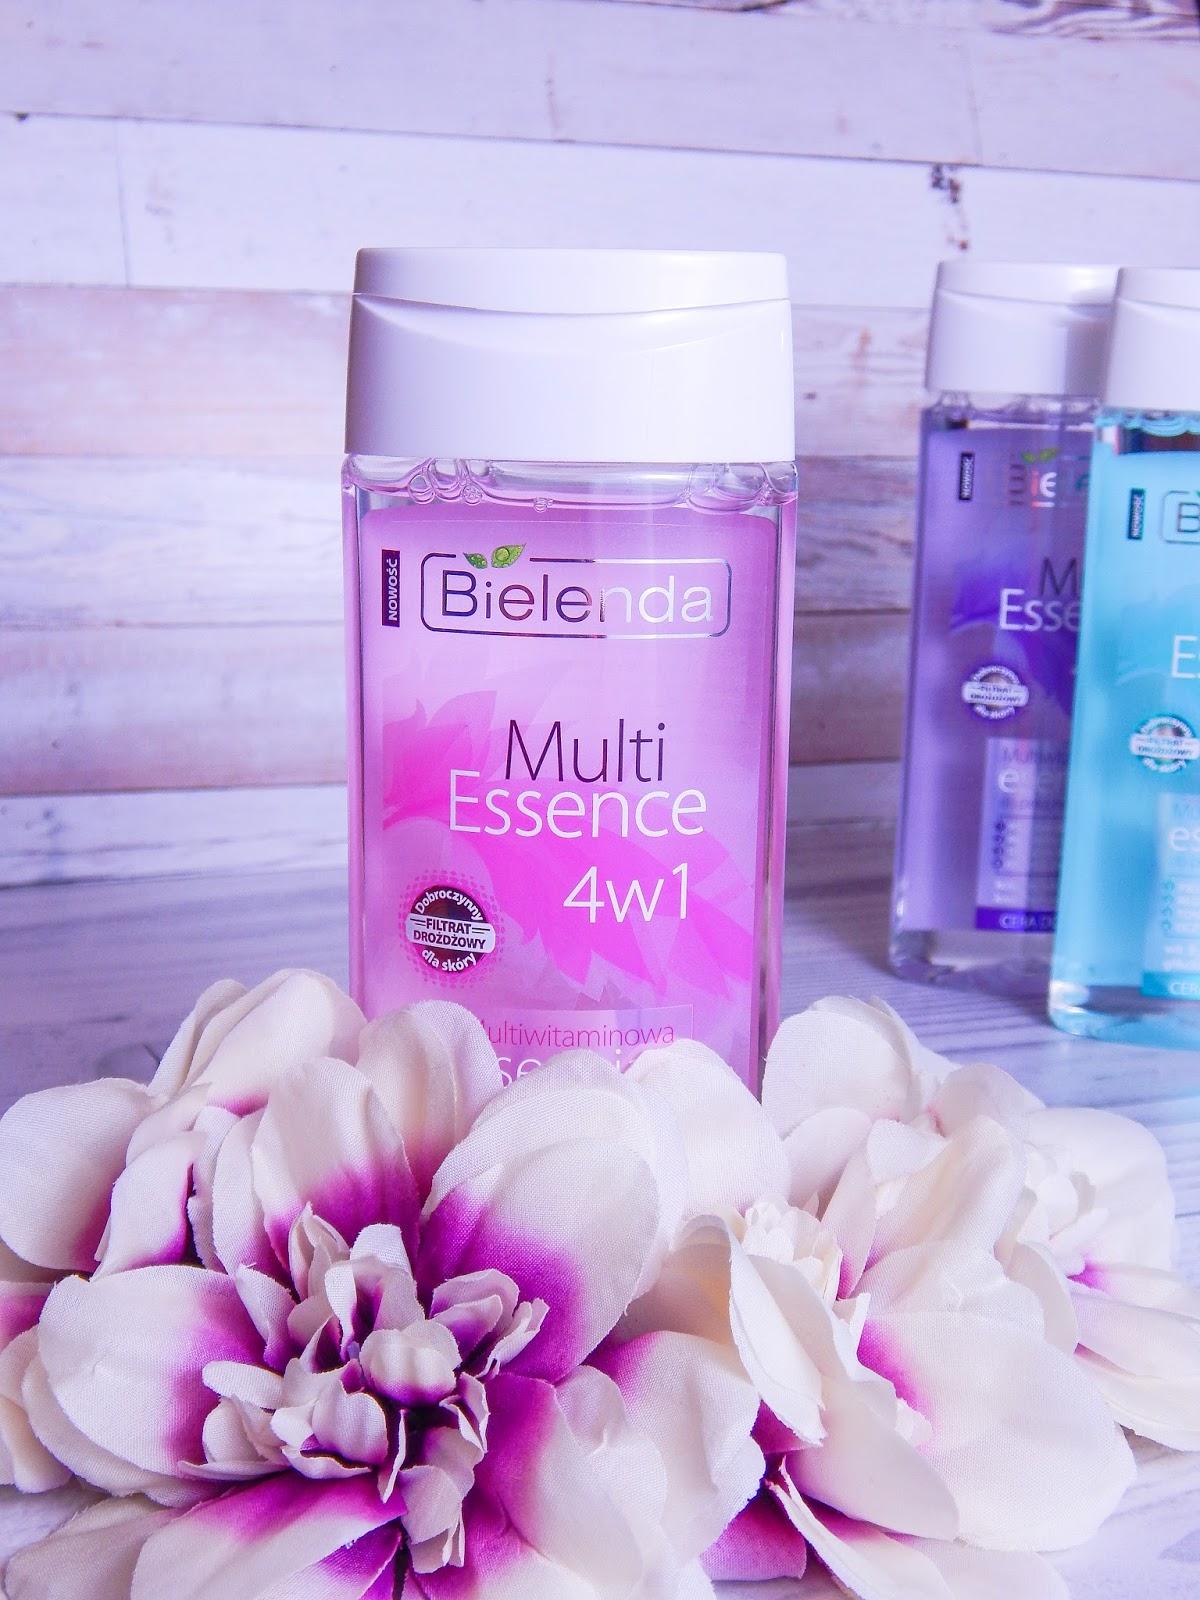 7 multi essence 4w1 bielenda recenzja multiwitamicowa esencja do pielęgnacji twarzy